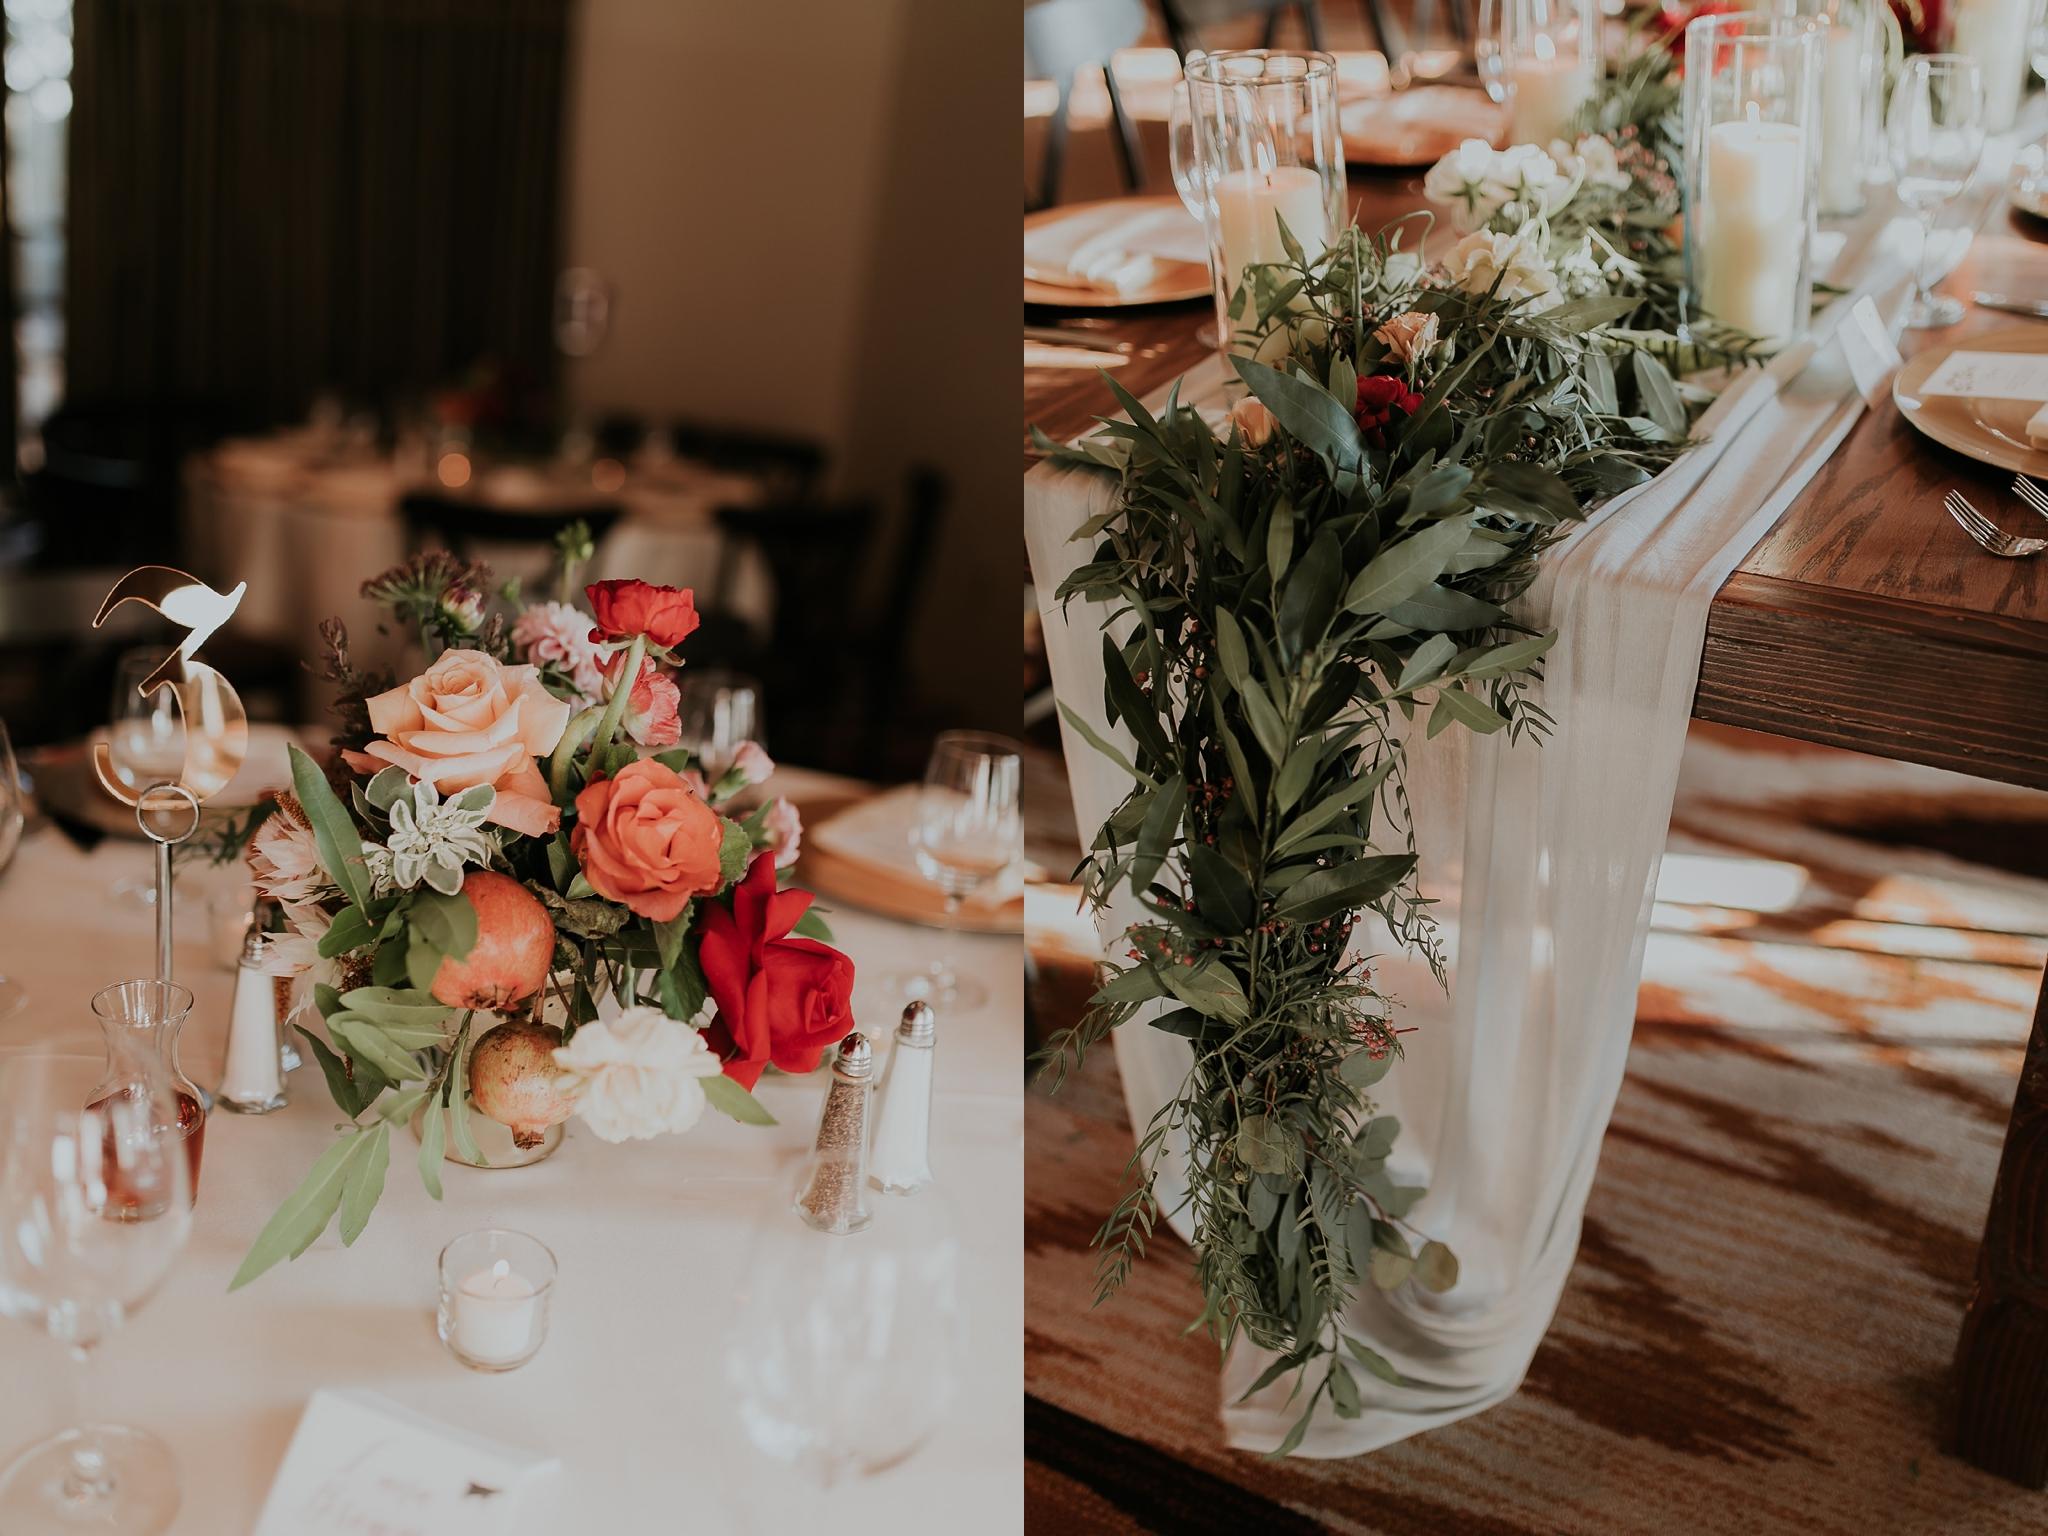 Alicia+lucia+photography+-+albuquerque+wedding+photographer+-+santa+fe+wedding+photography+-+new+mexico+wedding+photographer+-+new+mexico+florist+-+wedding+florist+-+renegade+floral_0089.jpg